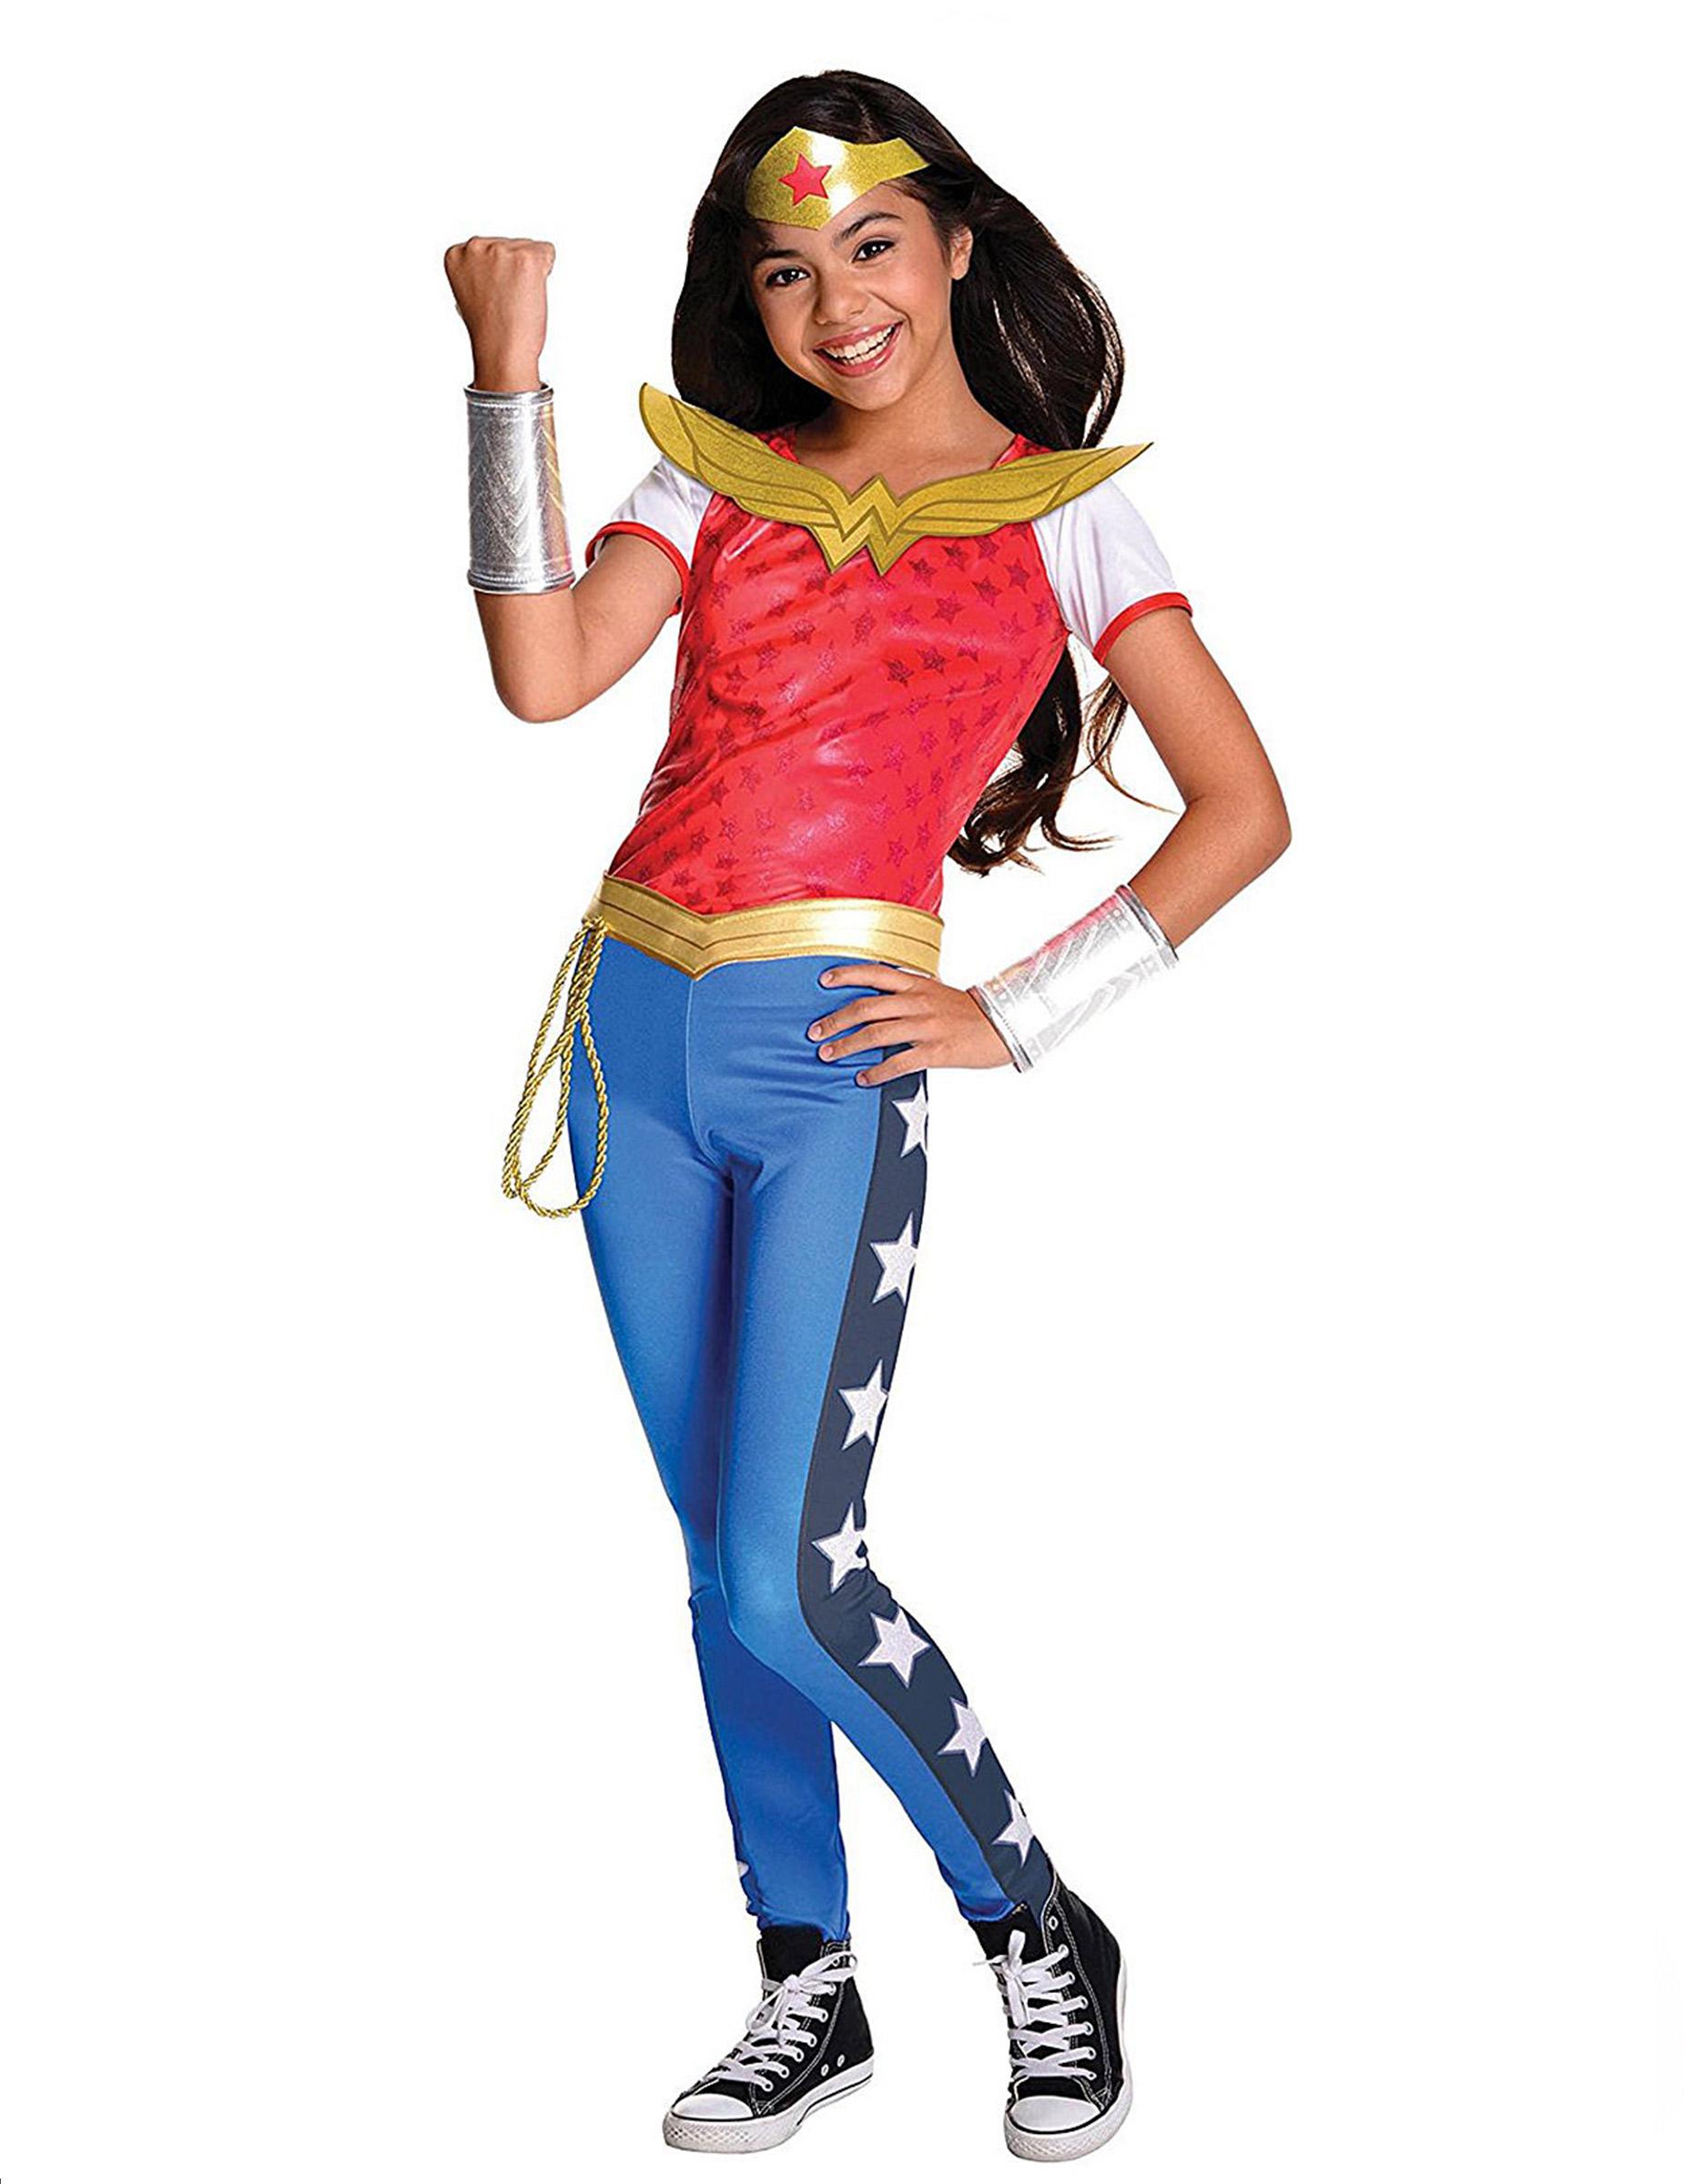 D guisement luxe wonder woman super hero girls fille deguise toi achat de d guisements enfants - Image super heros fille ...